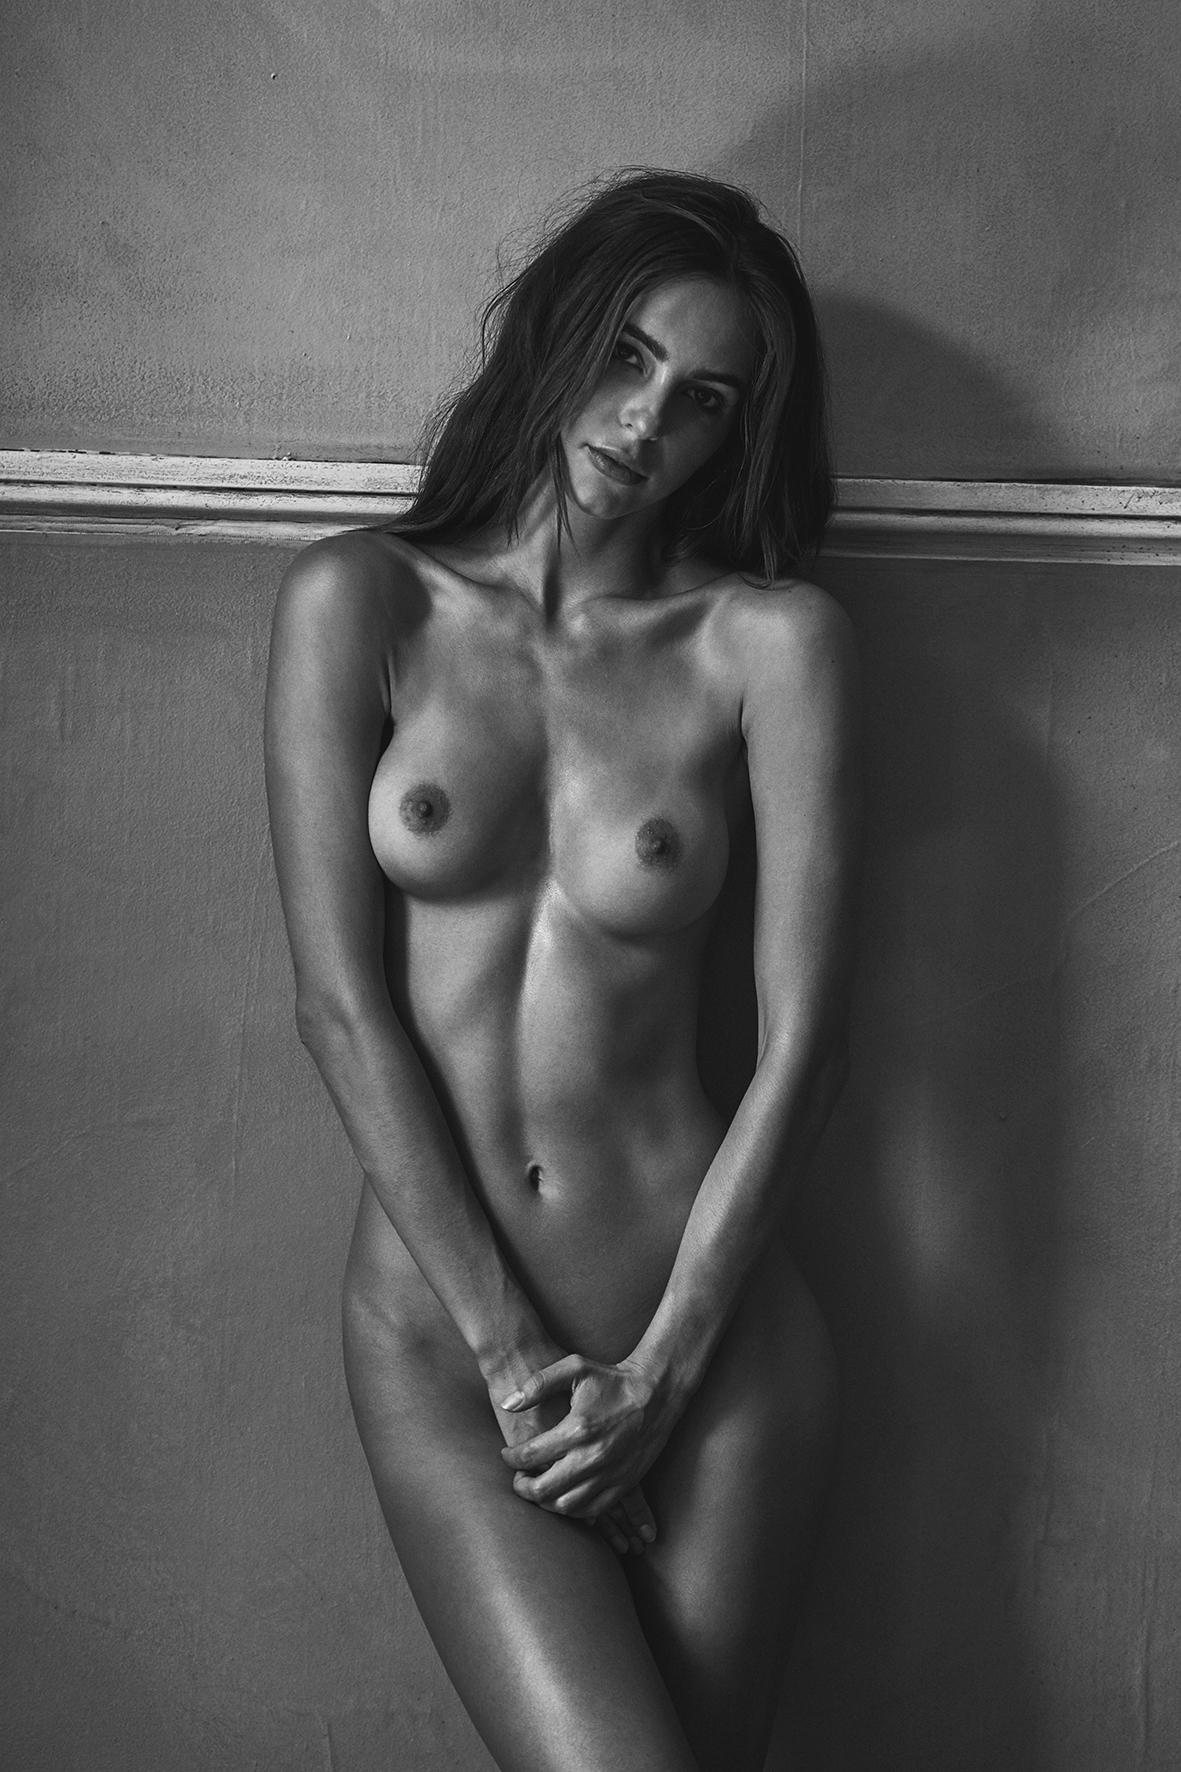 Amanda Pizziconi by Stefan Rappo for OSPHILIA